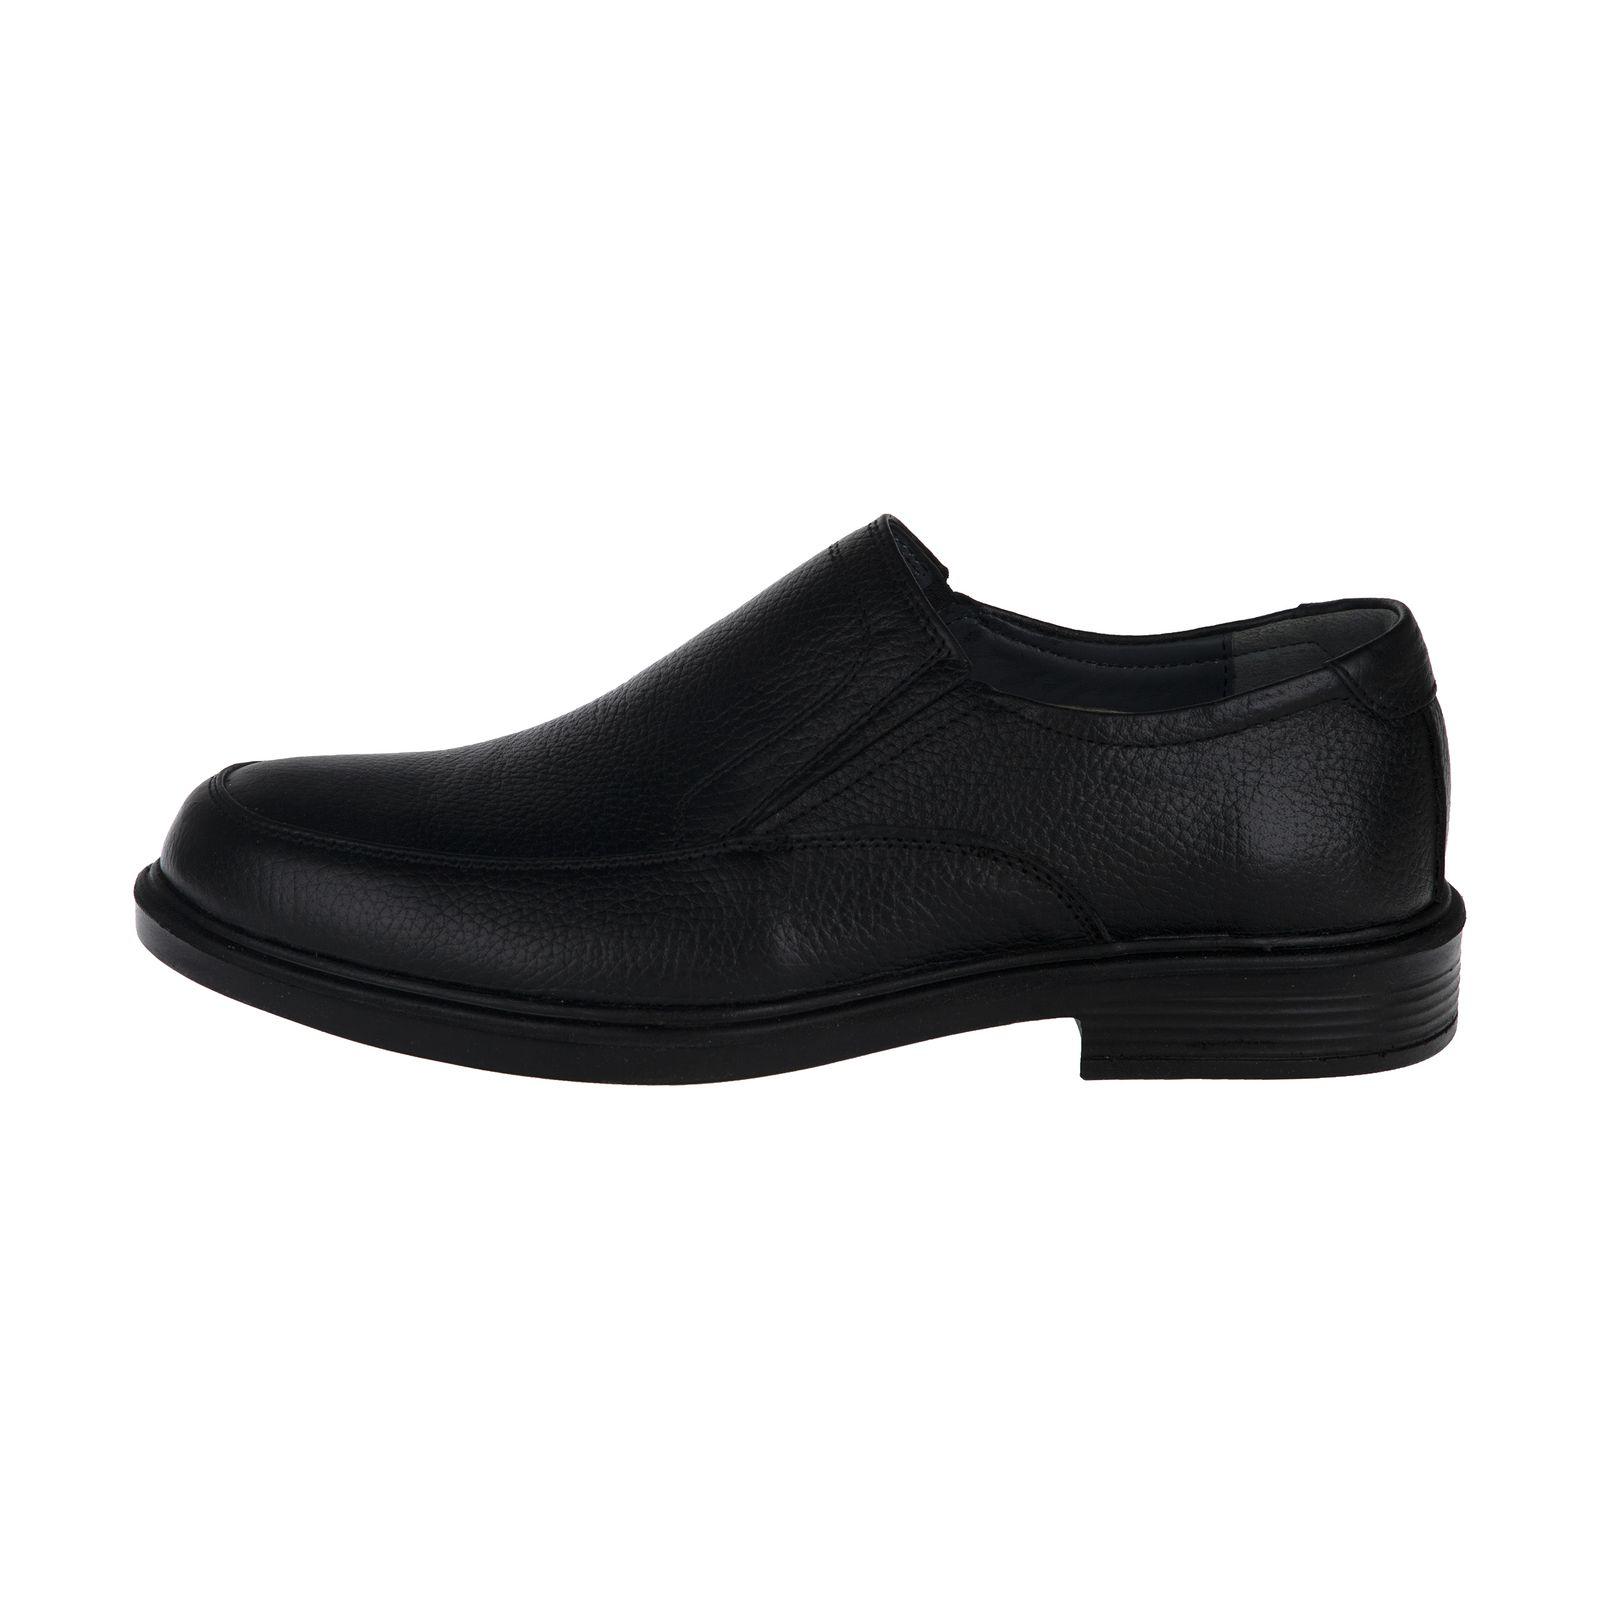 کفش روزمره مردانه بلوط مدل 7293A503101 -  - 2